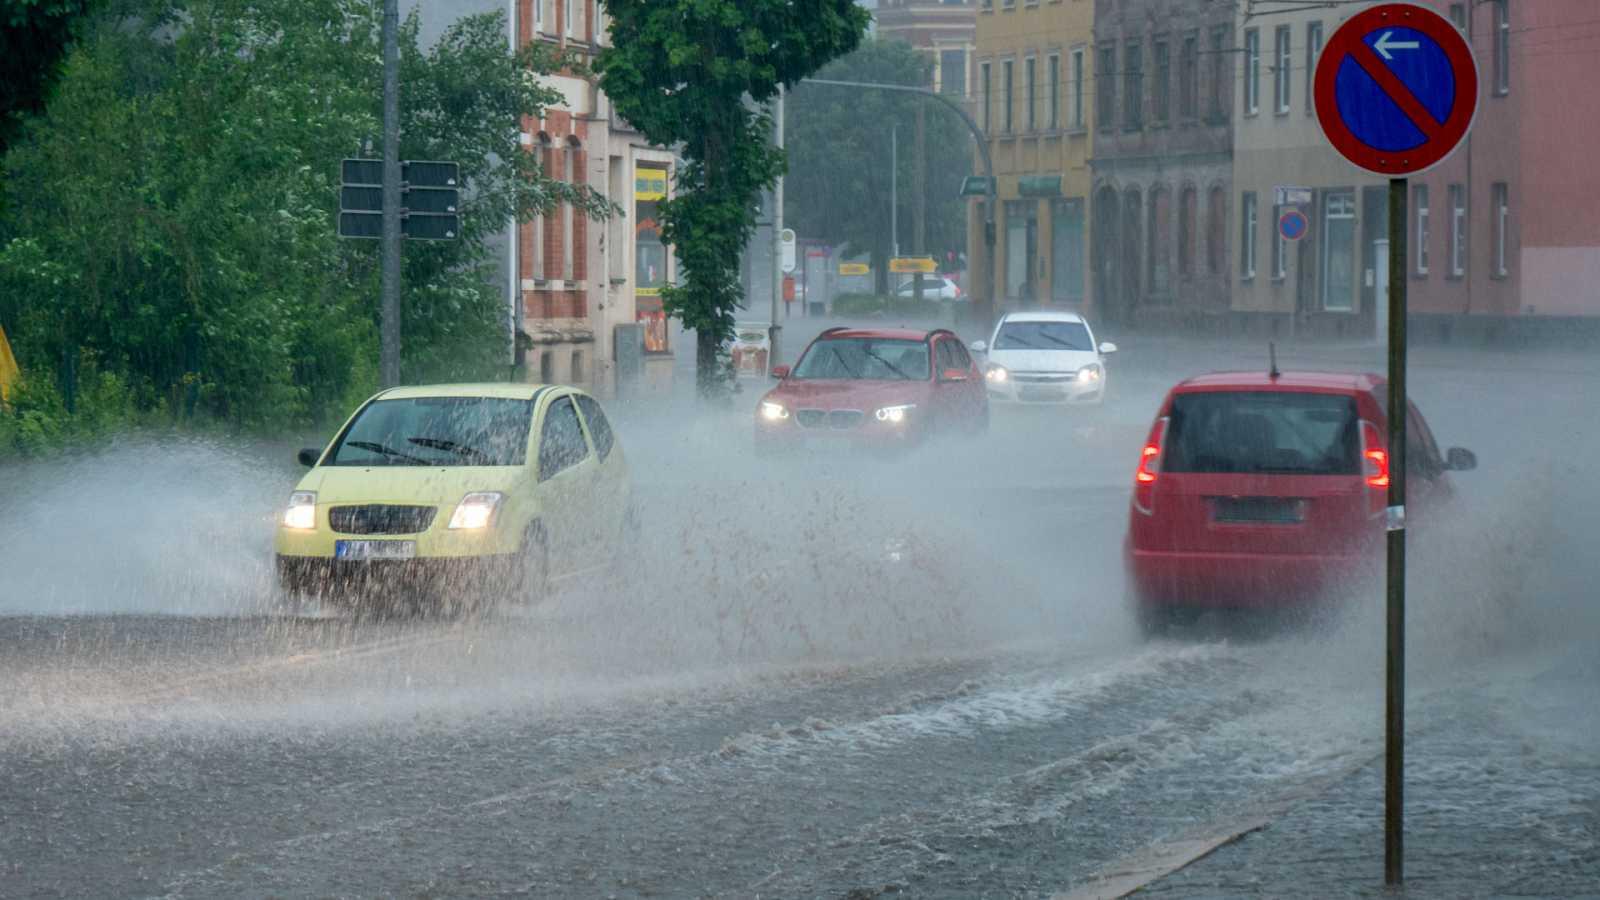 Precipitaciones localmente fuertes o persistentes en el entorno de Galicia, Cantábrico oriental, norte de Navarra y Pirineo occidental